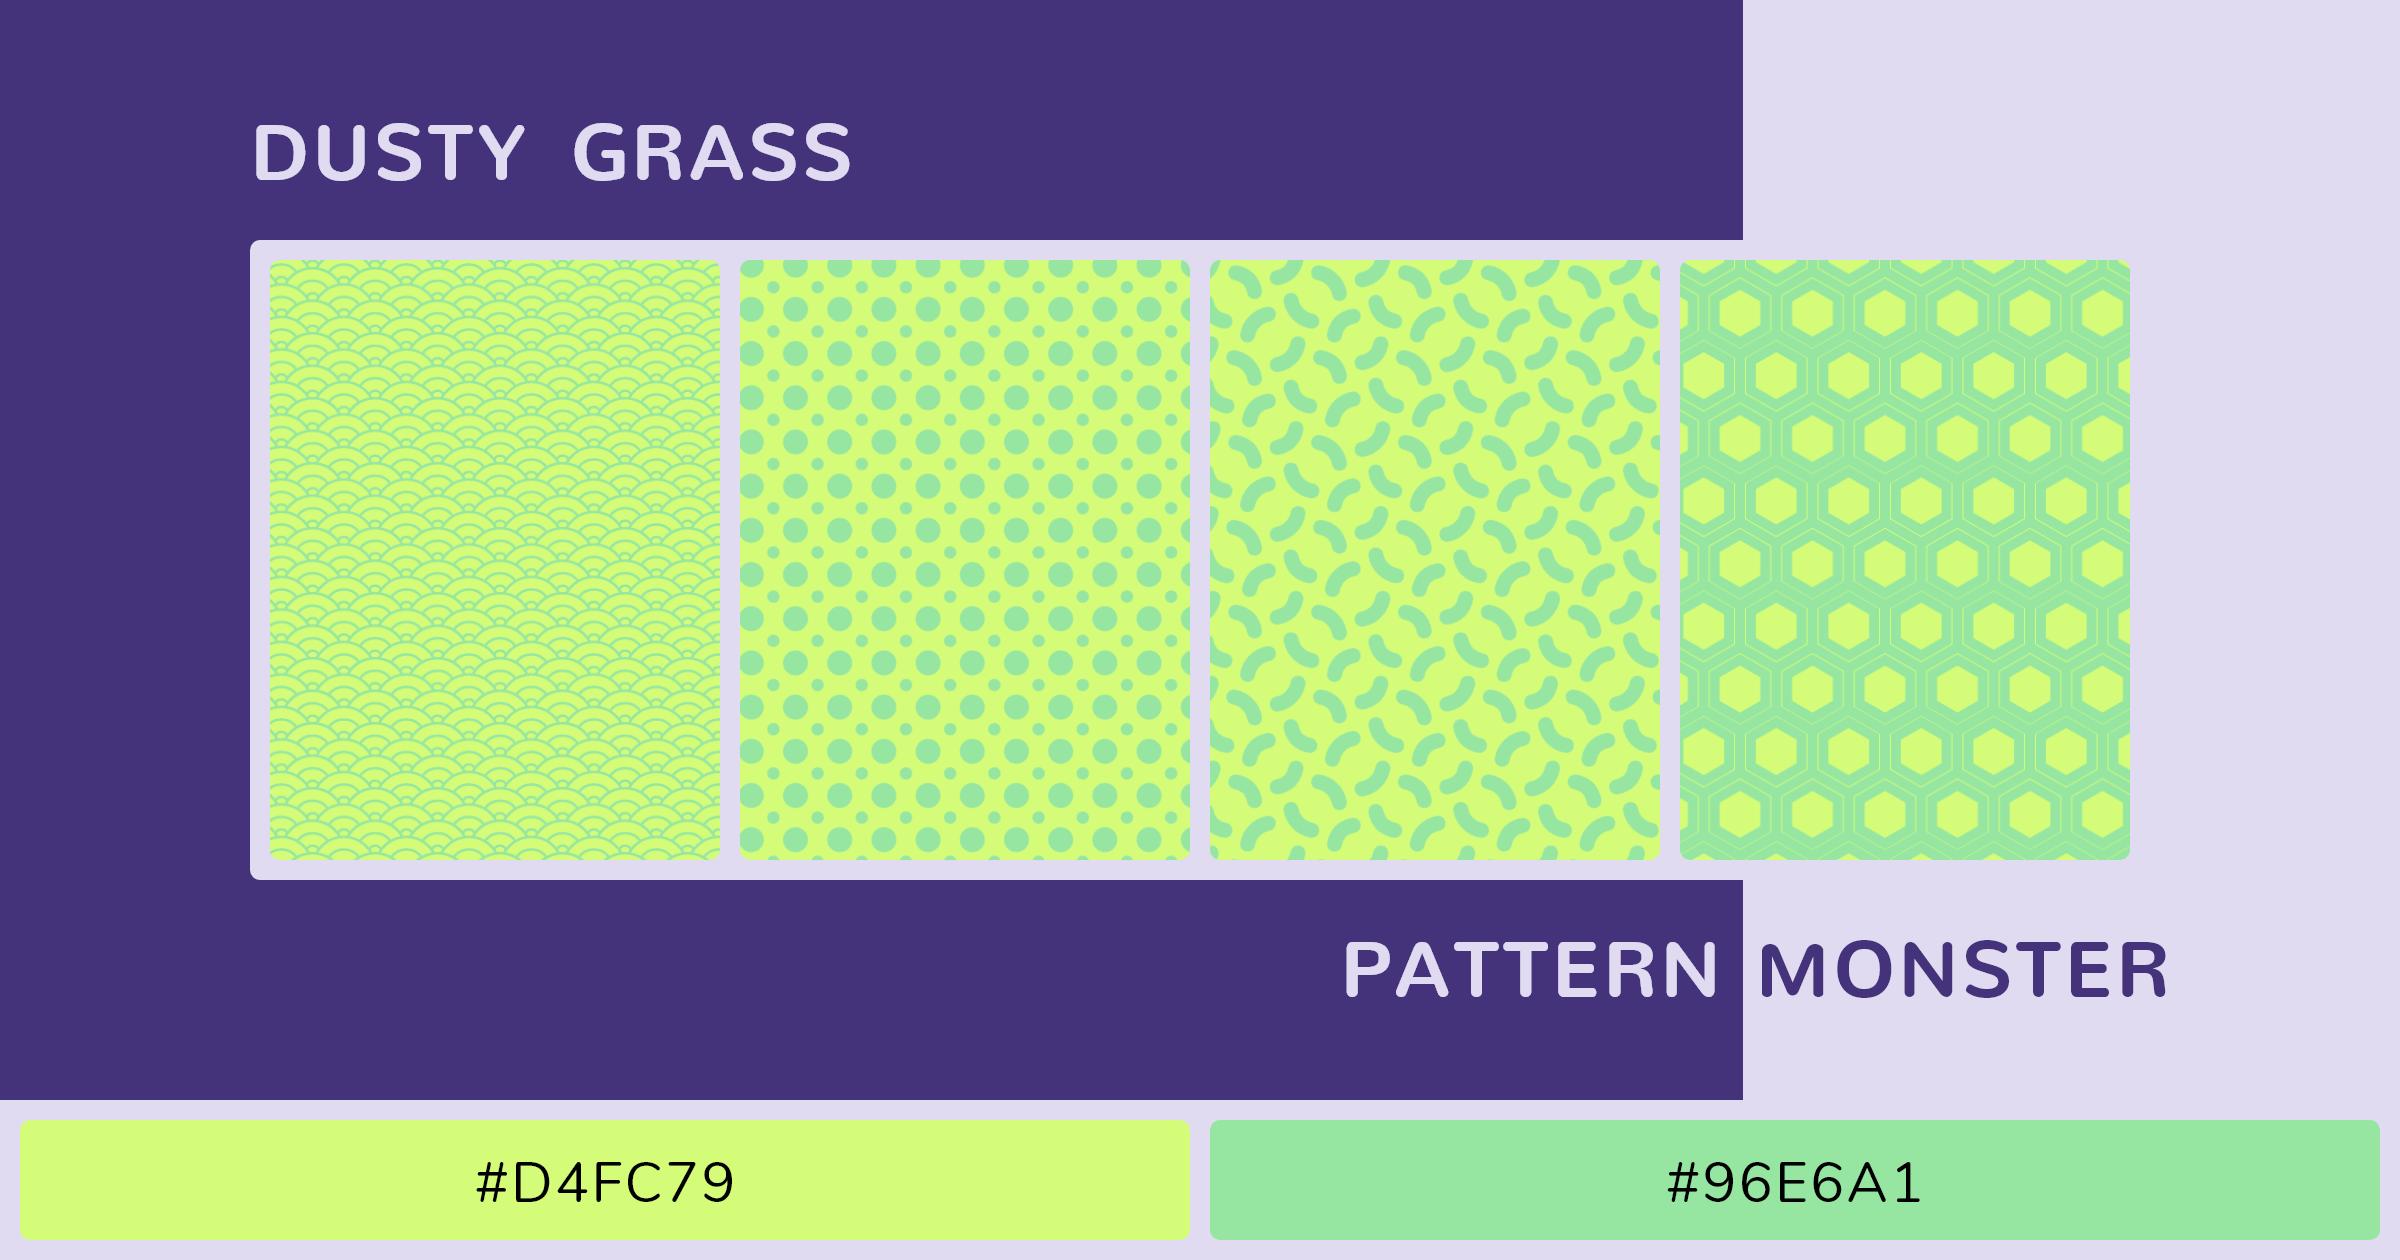 Dusty Grass